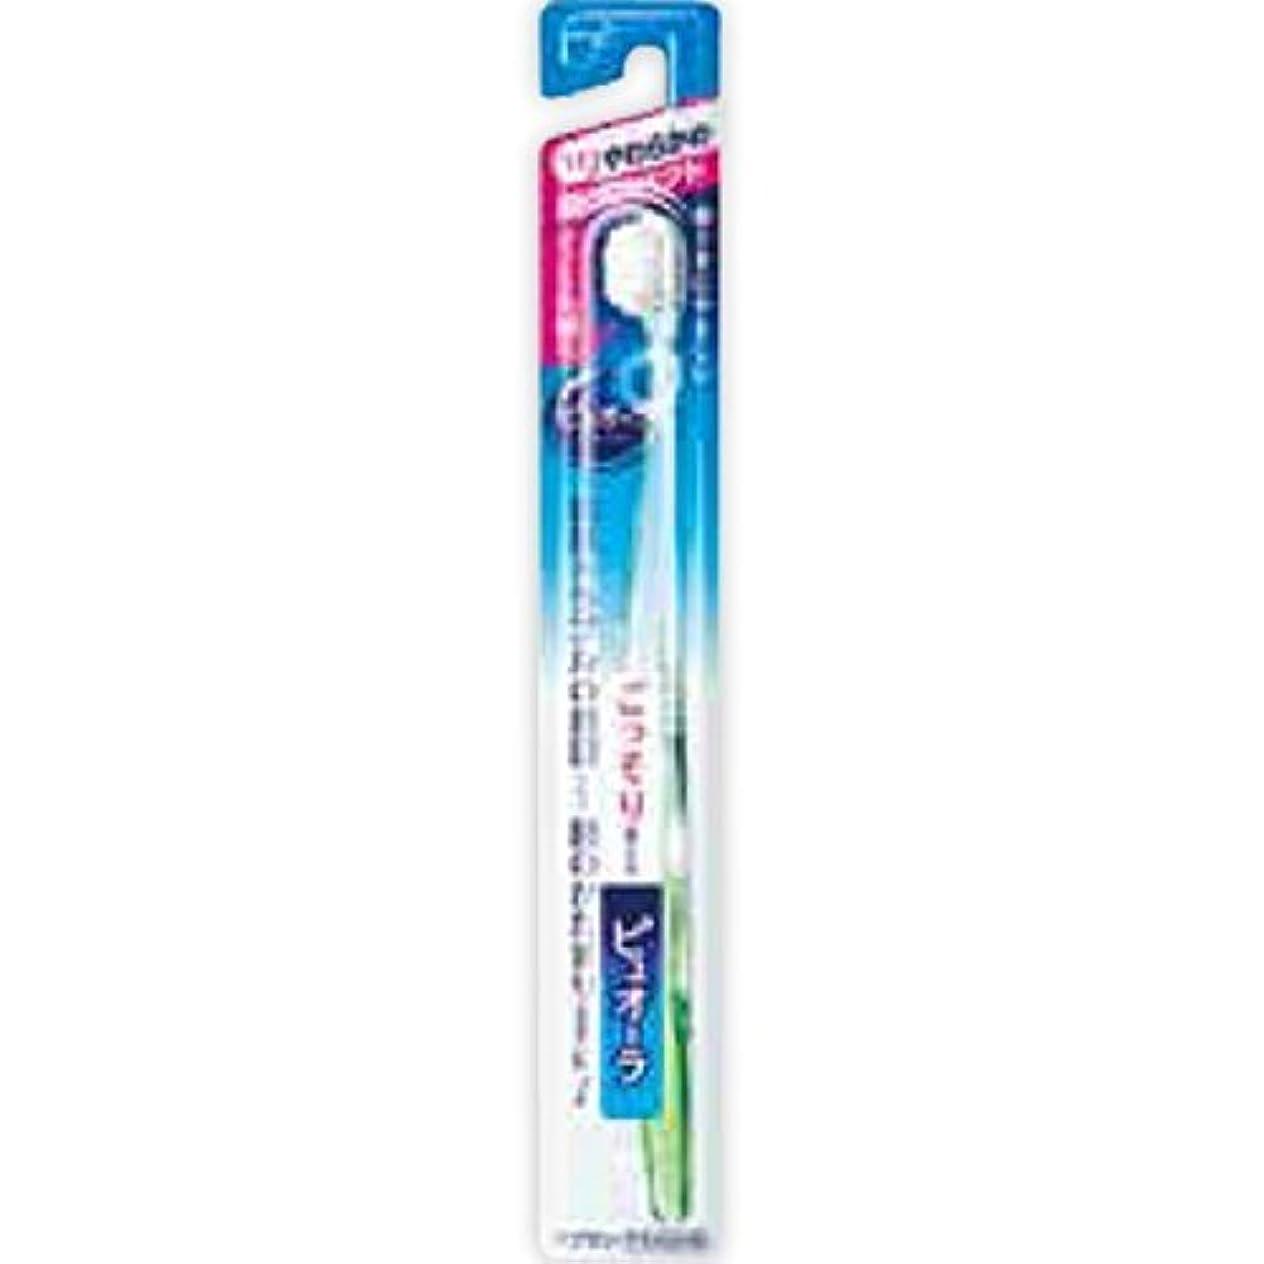 【花王】ピュオーラ 歯ブラシ超コンパクト やわらかめ (1本) ×5個セット